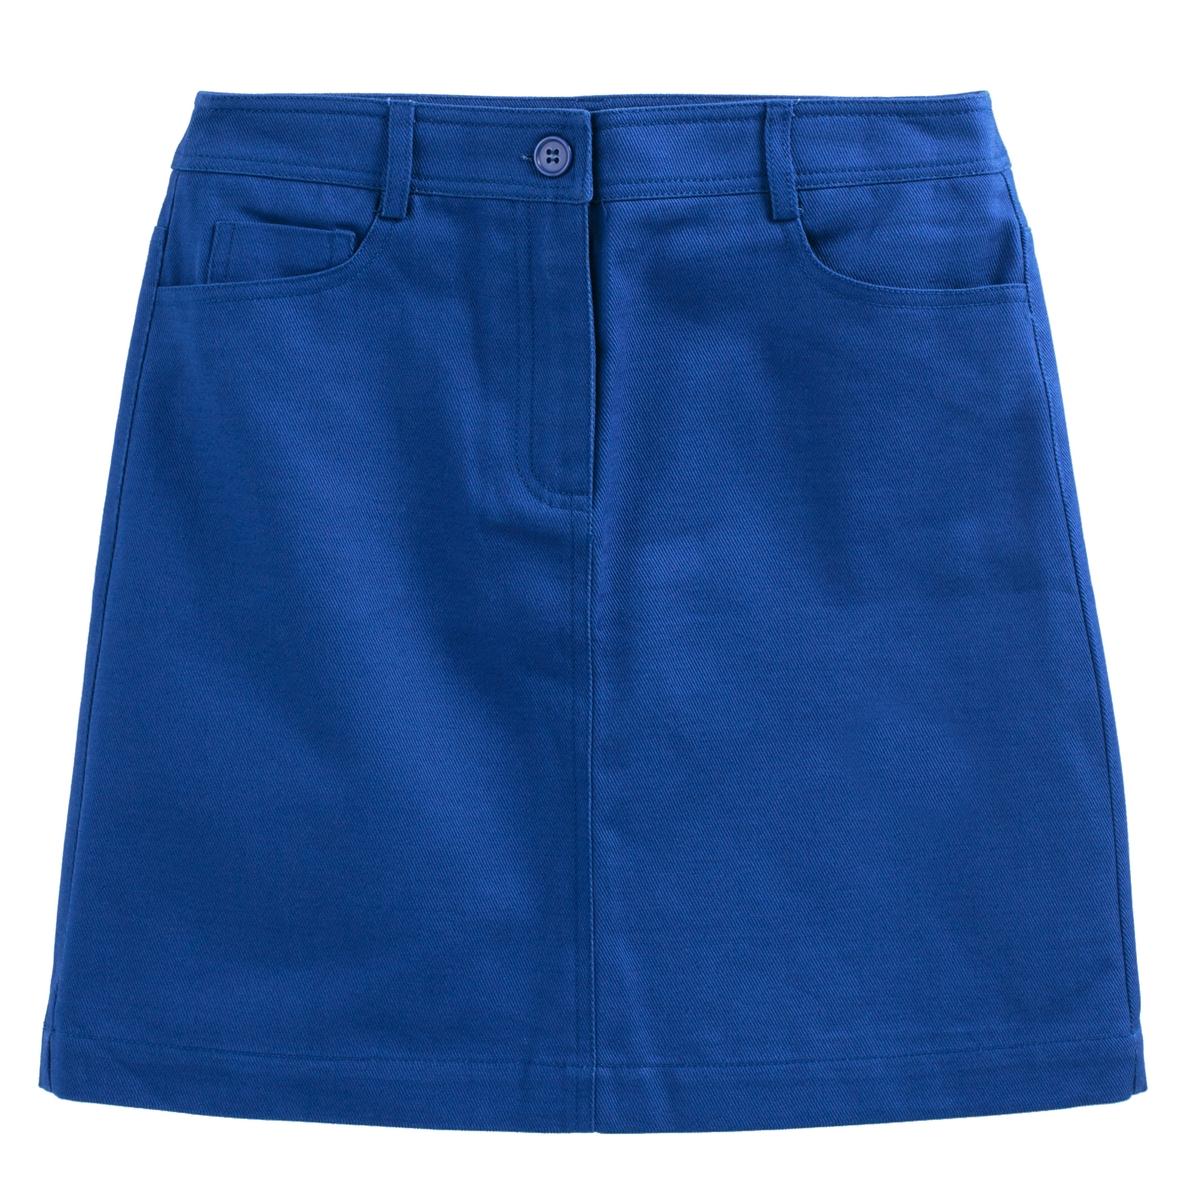 Falda recta con corte 5 bolsillos